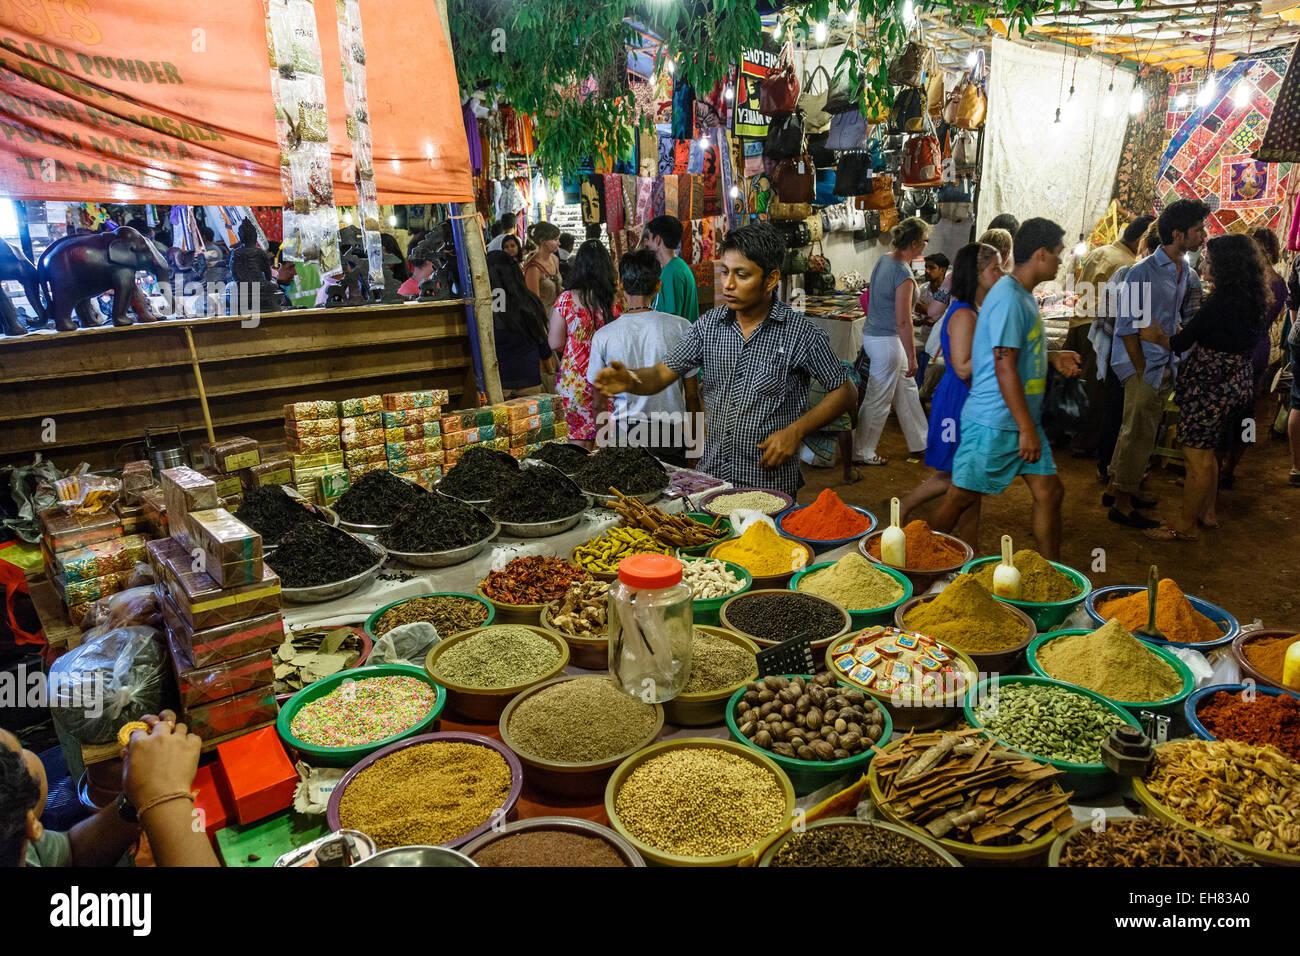 Negozio di spezie al sabato notte di mercato, Goa, India, Asia Immagini Stock